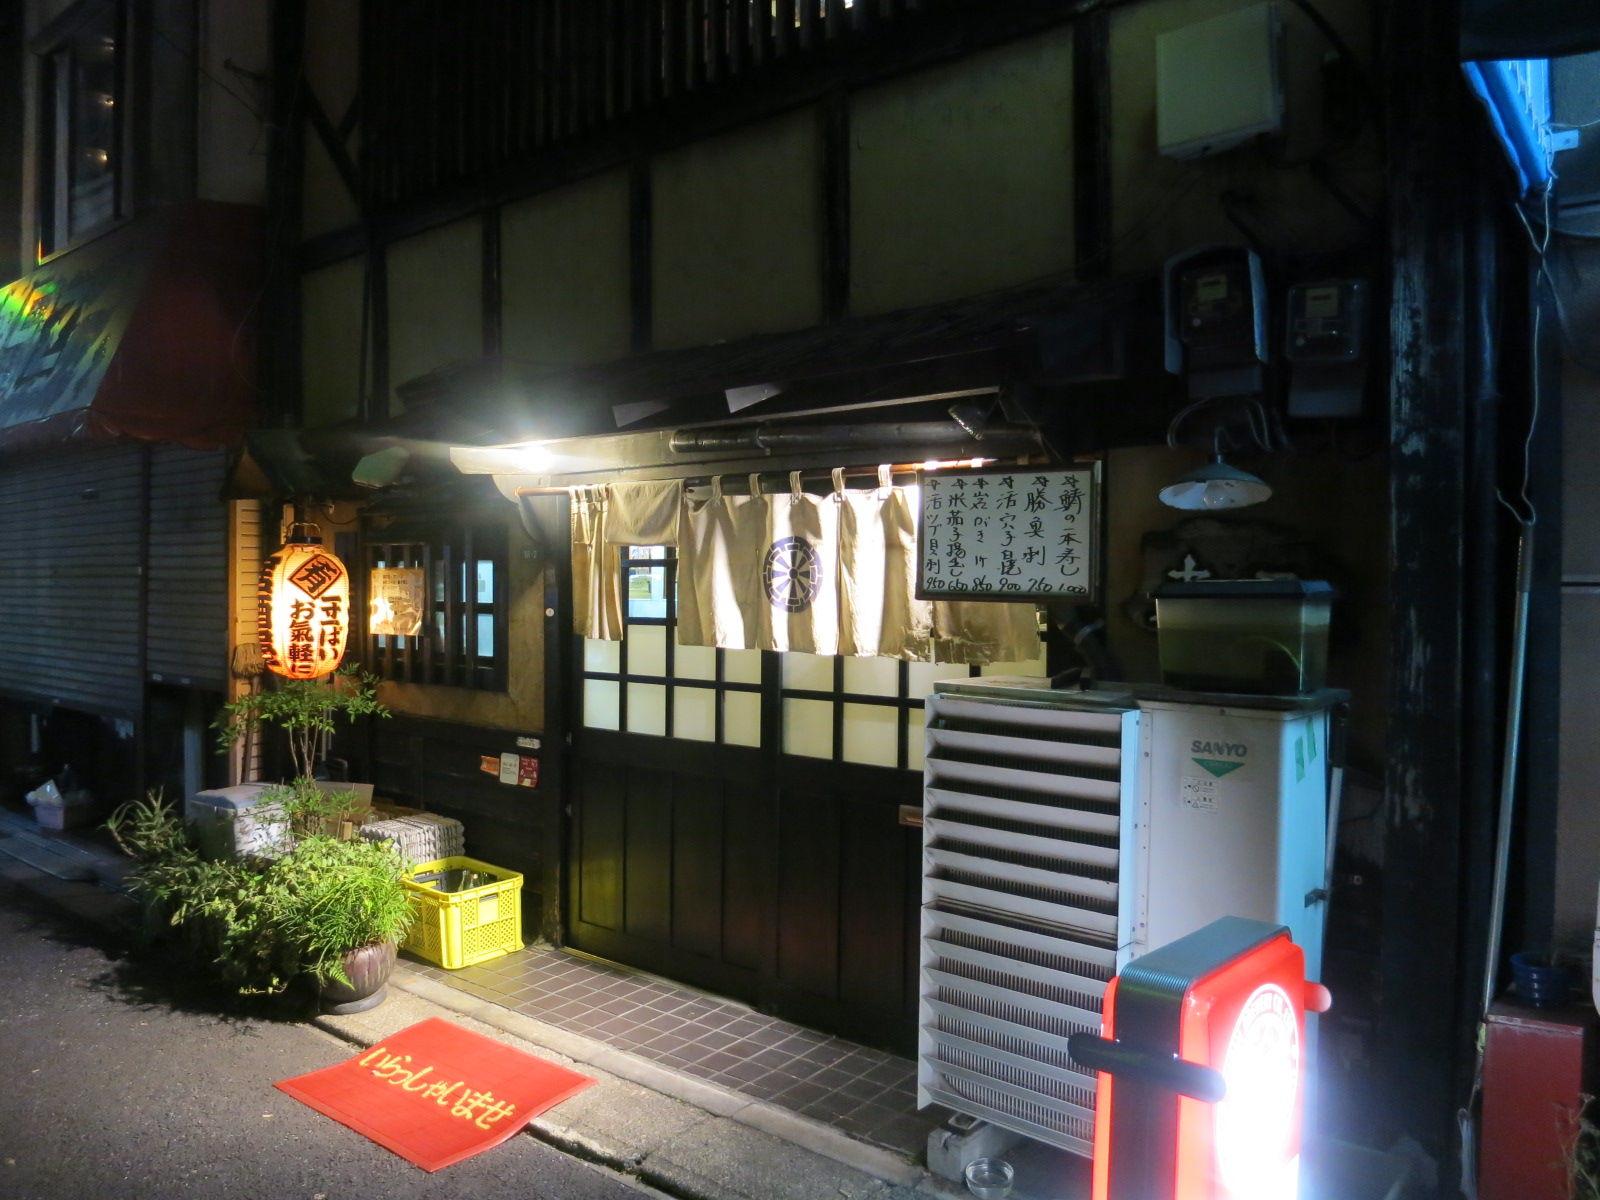 フォーリンデブはっしー 公式ブログ - 「車屋」(根津/居酒屋 ...